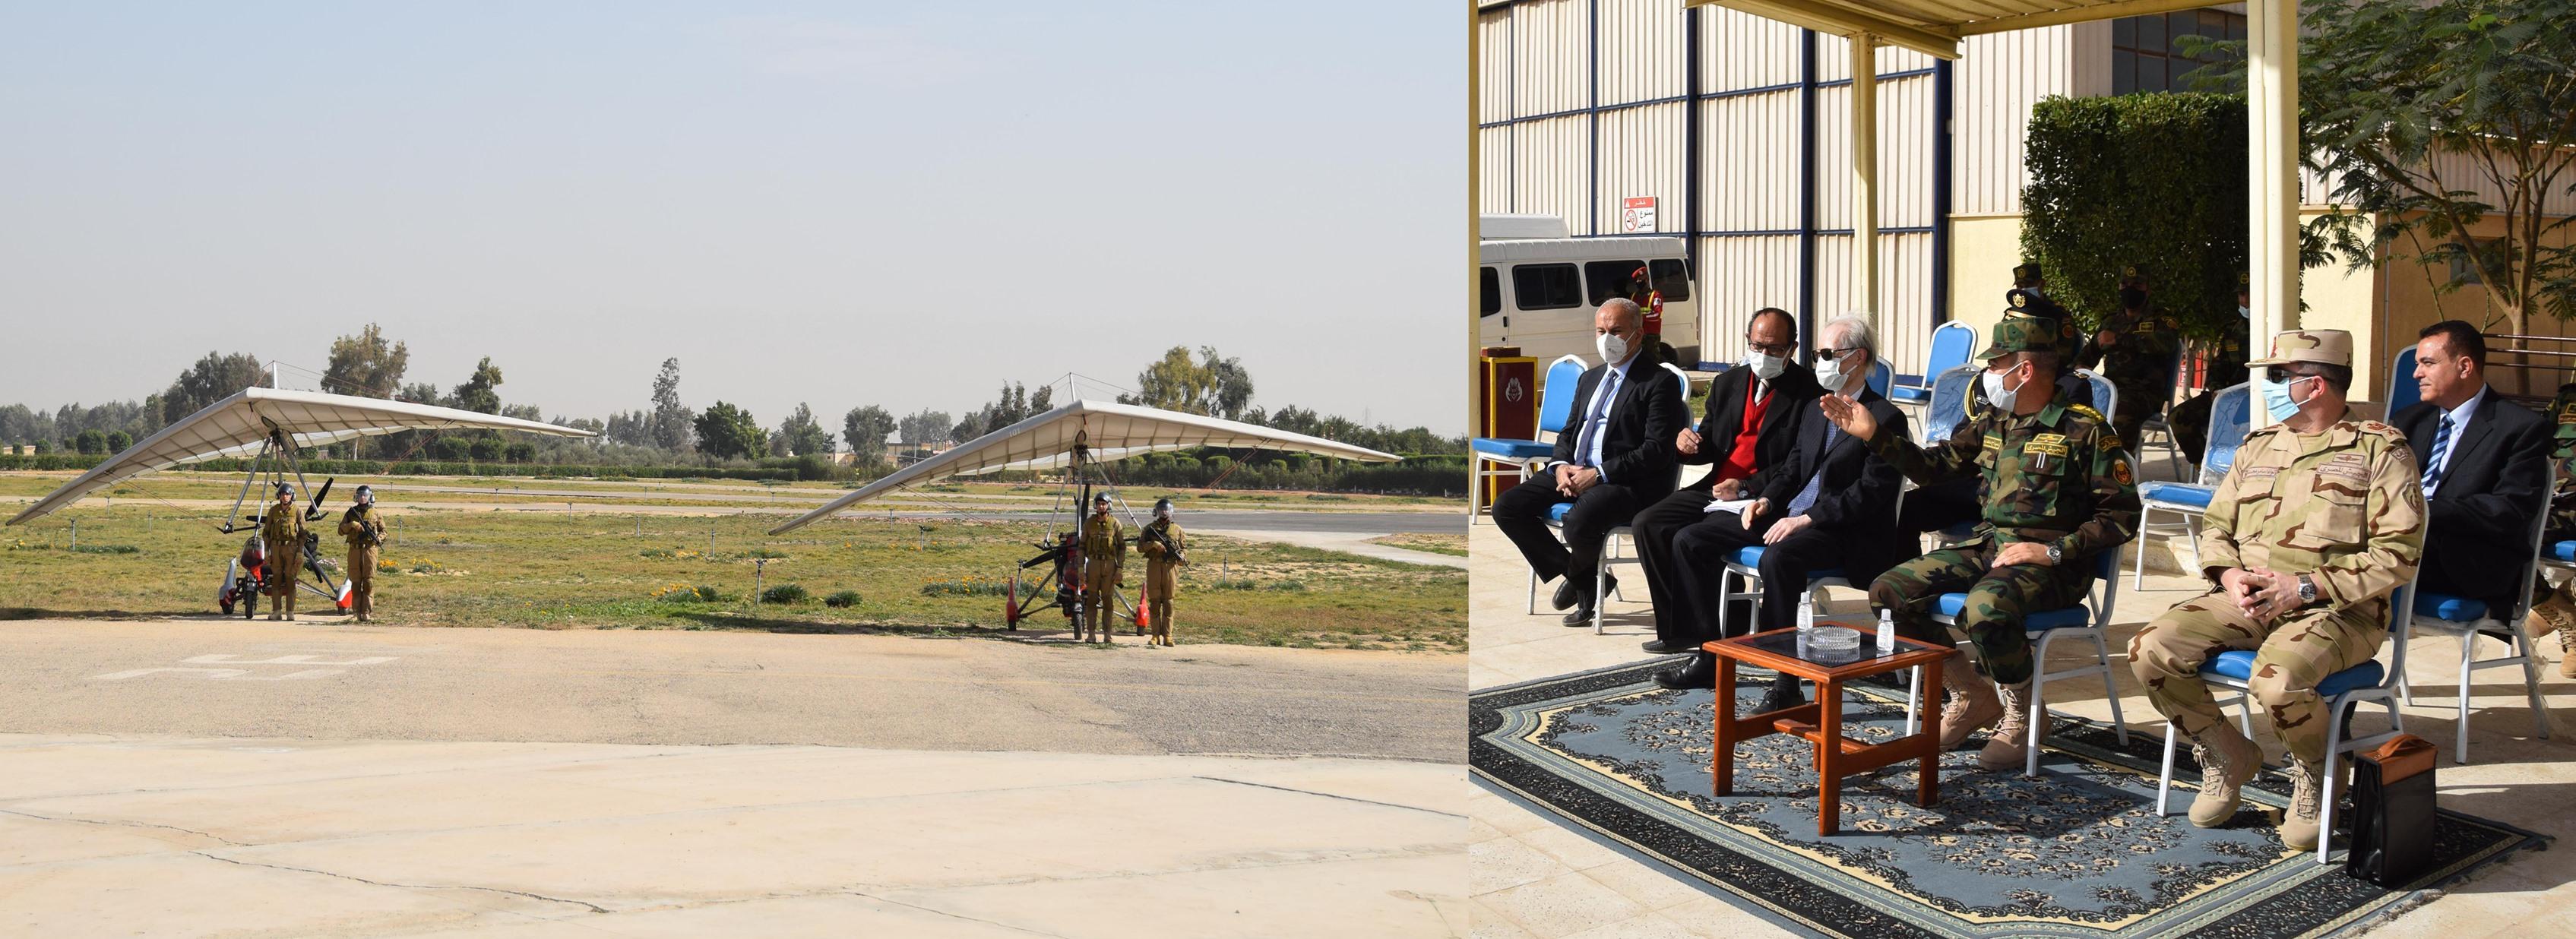 القوات المسلحة تعقد برنامجا تدريبيا لتأهيل العناصر المشاركة ببعثة الأمم المتحدة بمالى